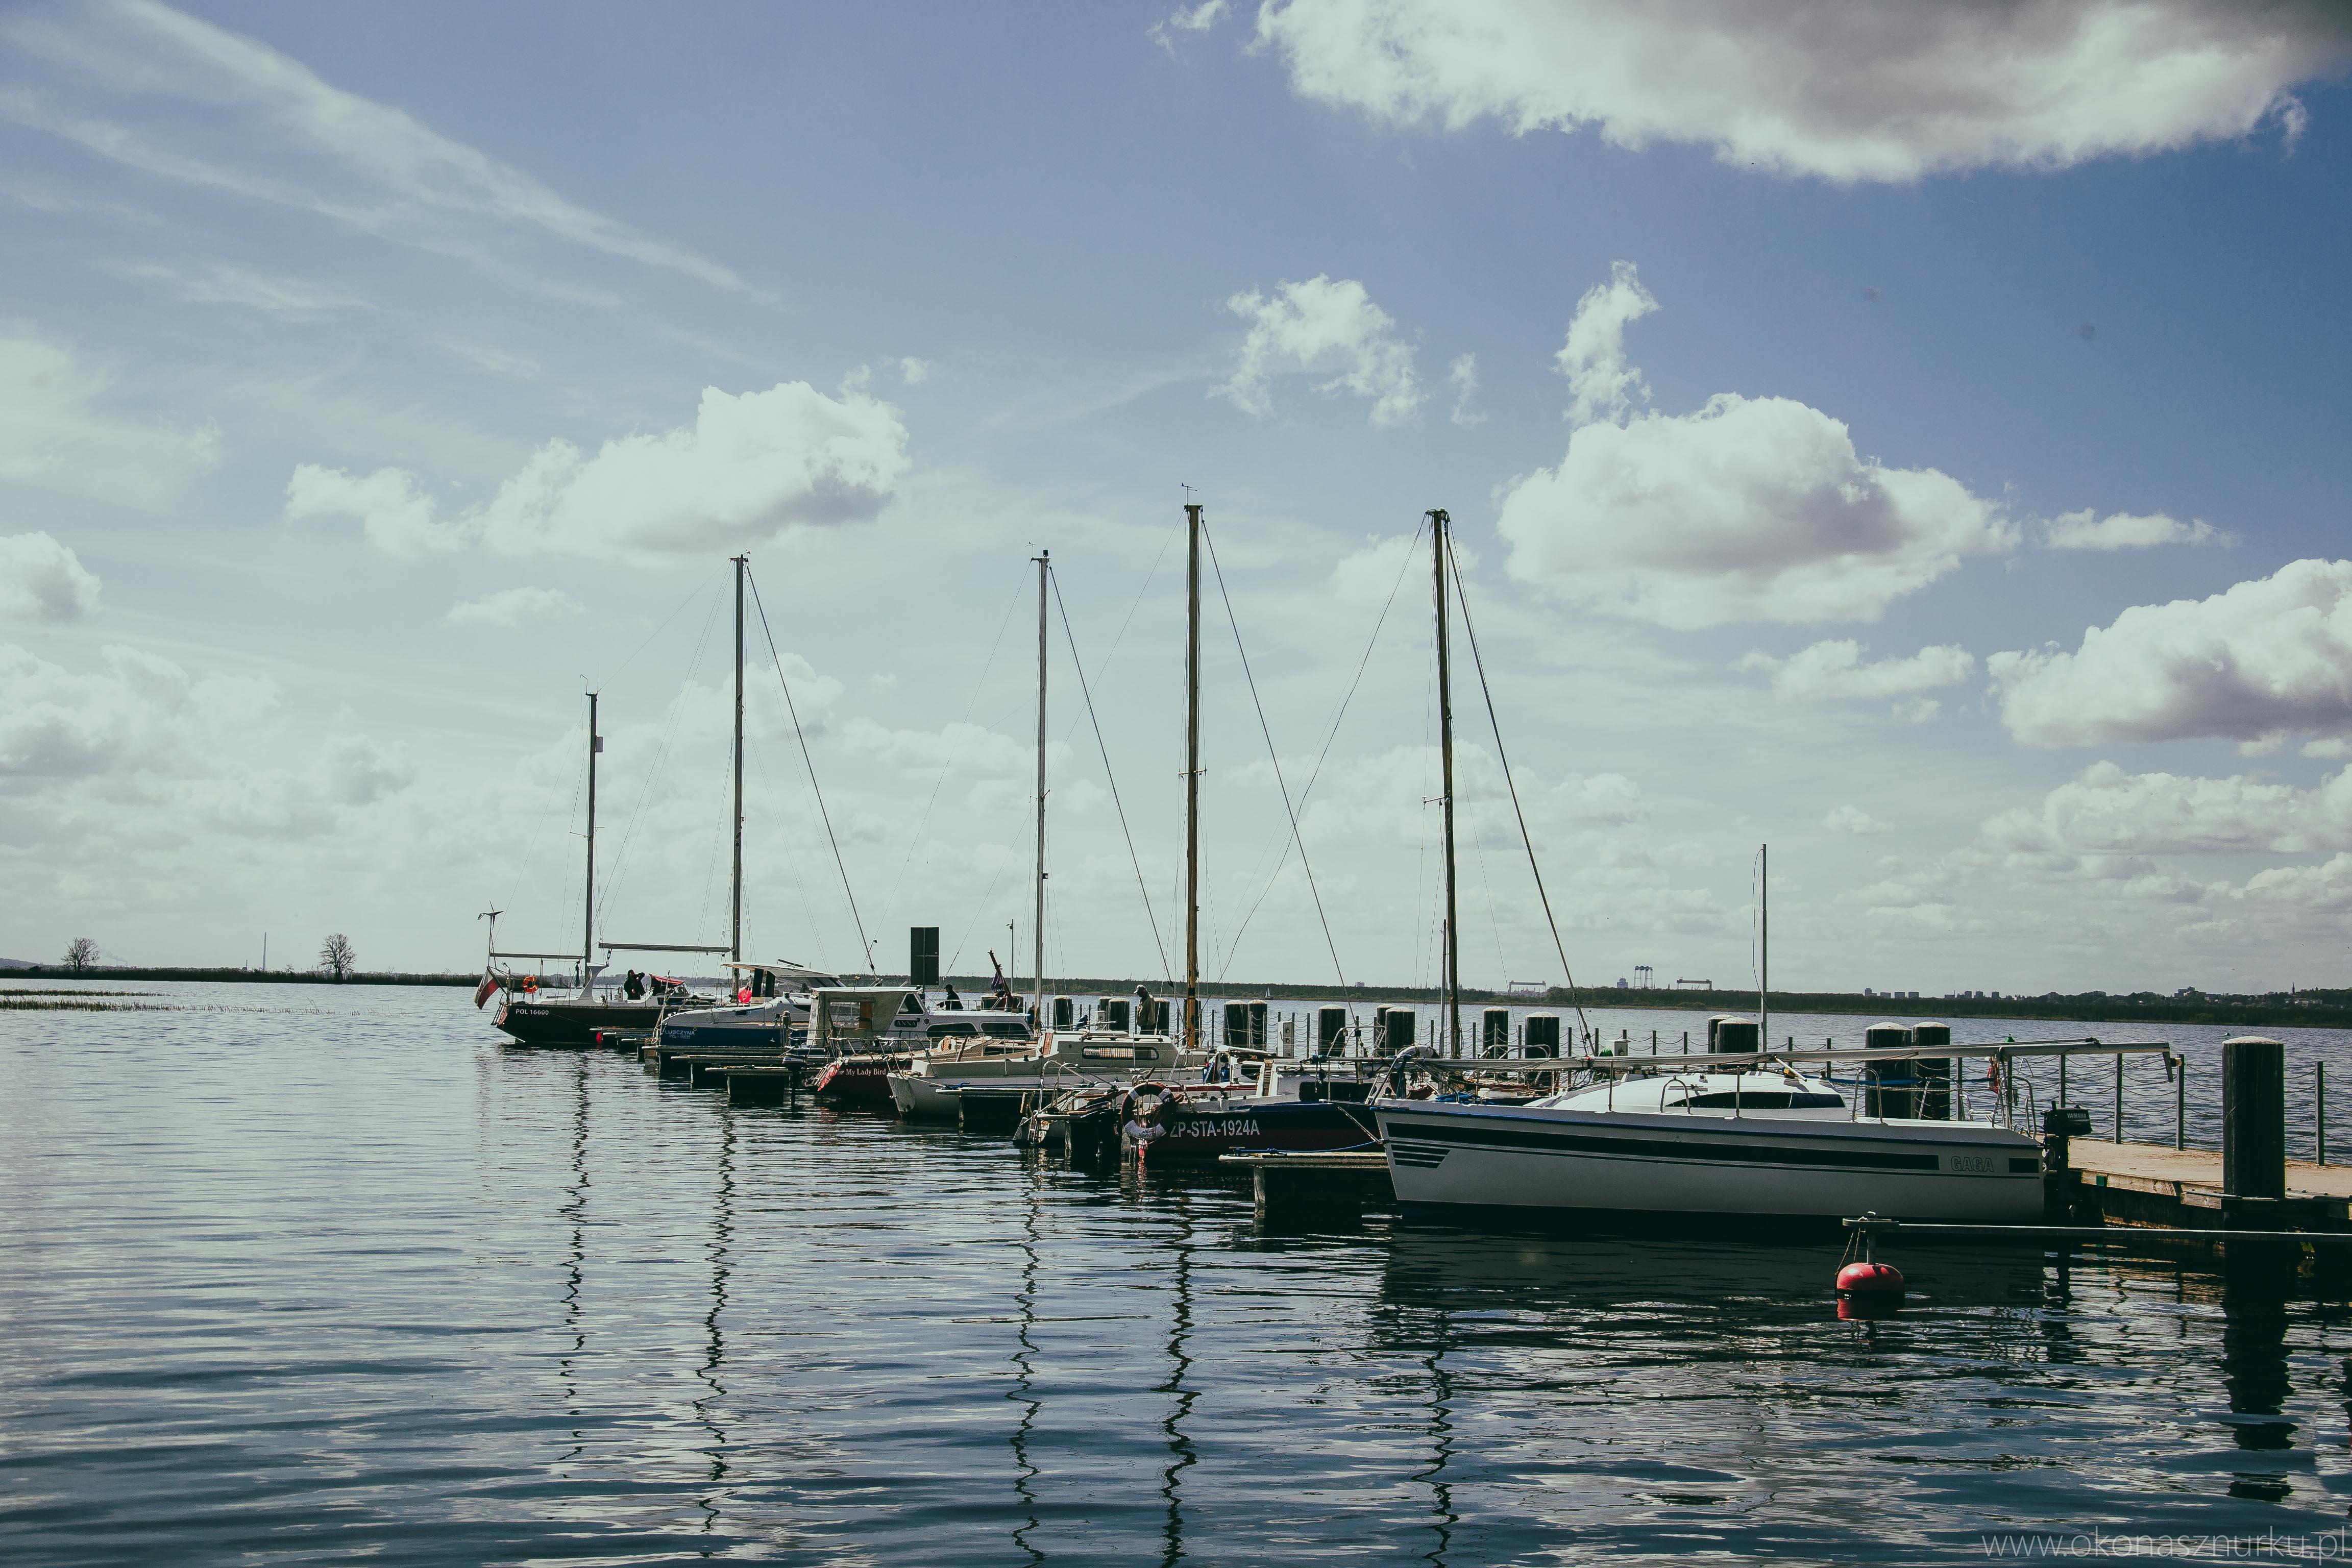 marina-jacht-wyprawy-morskie-silesia-szczecin-goclaw-lubczyna (57)